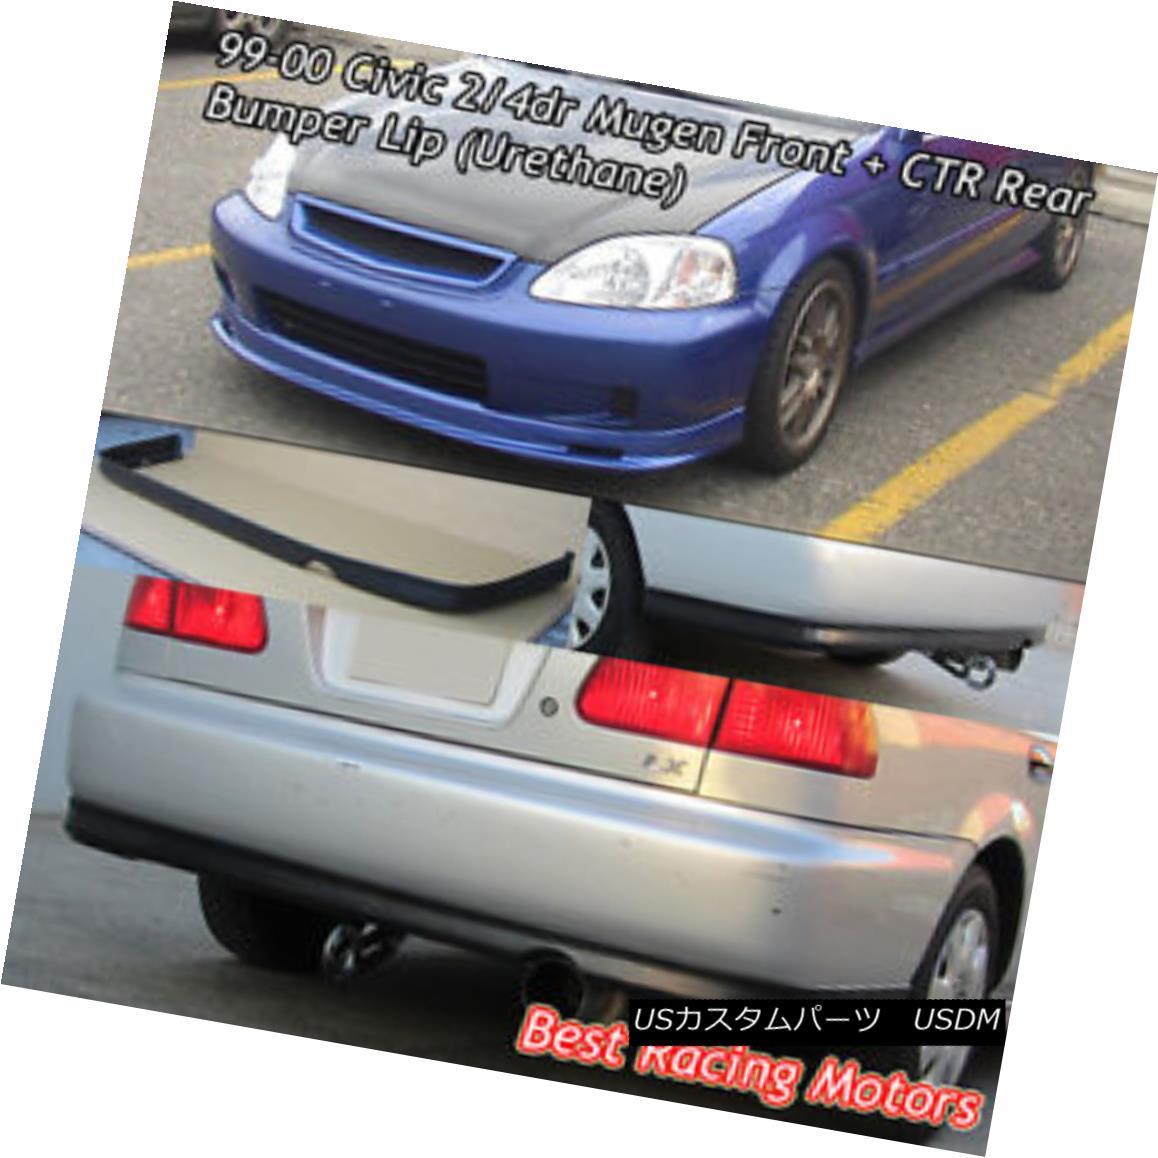 エアロパーツ Mu-gen Style Front + CTR Rear Bumper Lip (Urethane) Fit 99-00 Civic 4dr Mu-genスタイルフロント+ CTRリアバンパーリップ(ウレタン)Fit 99-00 Civic 4dr